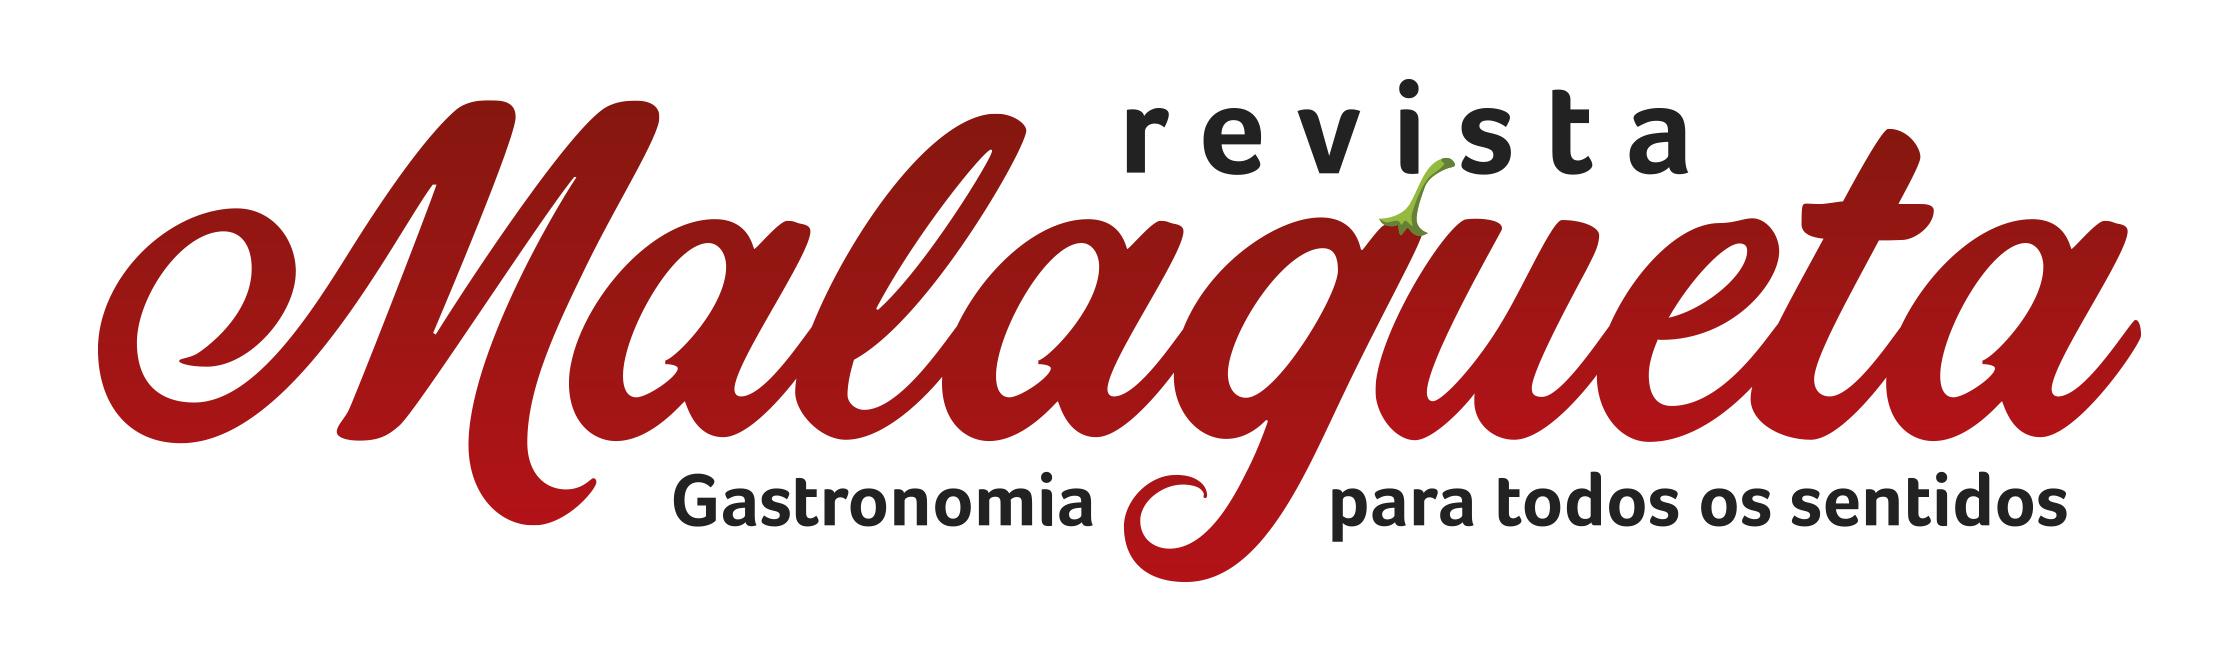 Revista Malagueta